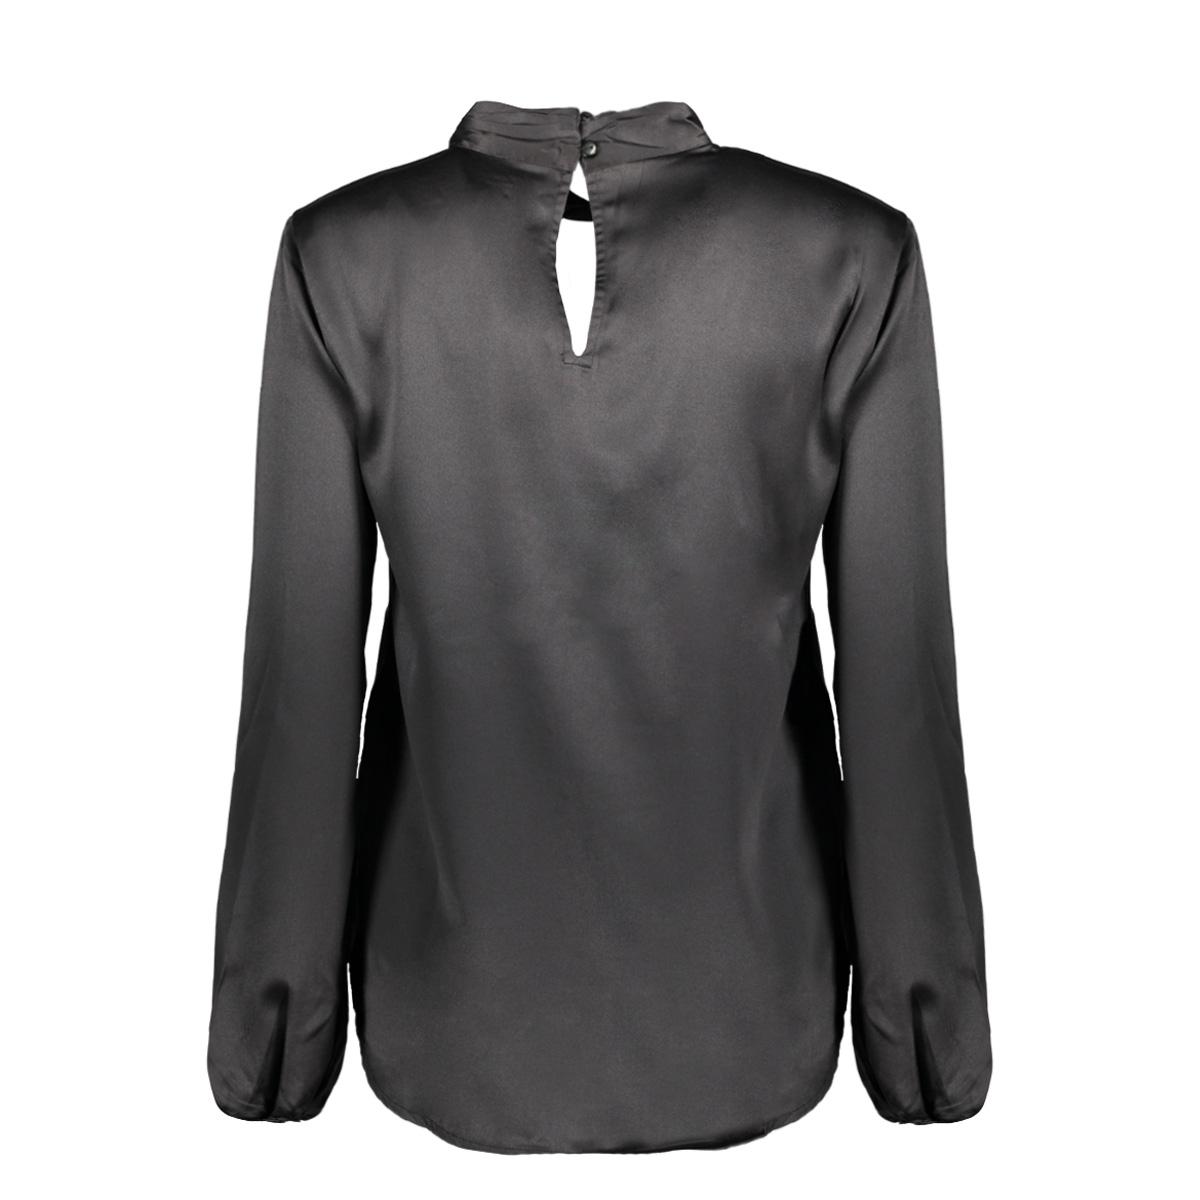 vilianna l/s top/pb 14044814 vila blouse black